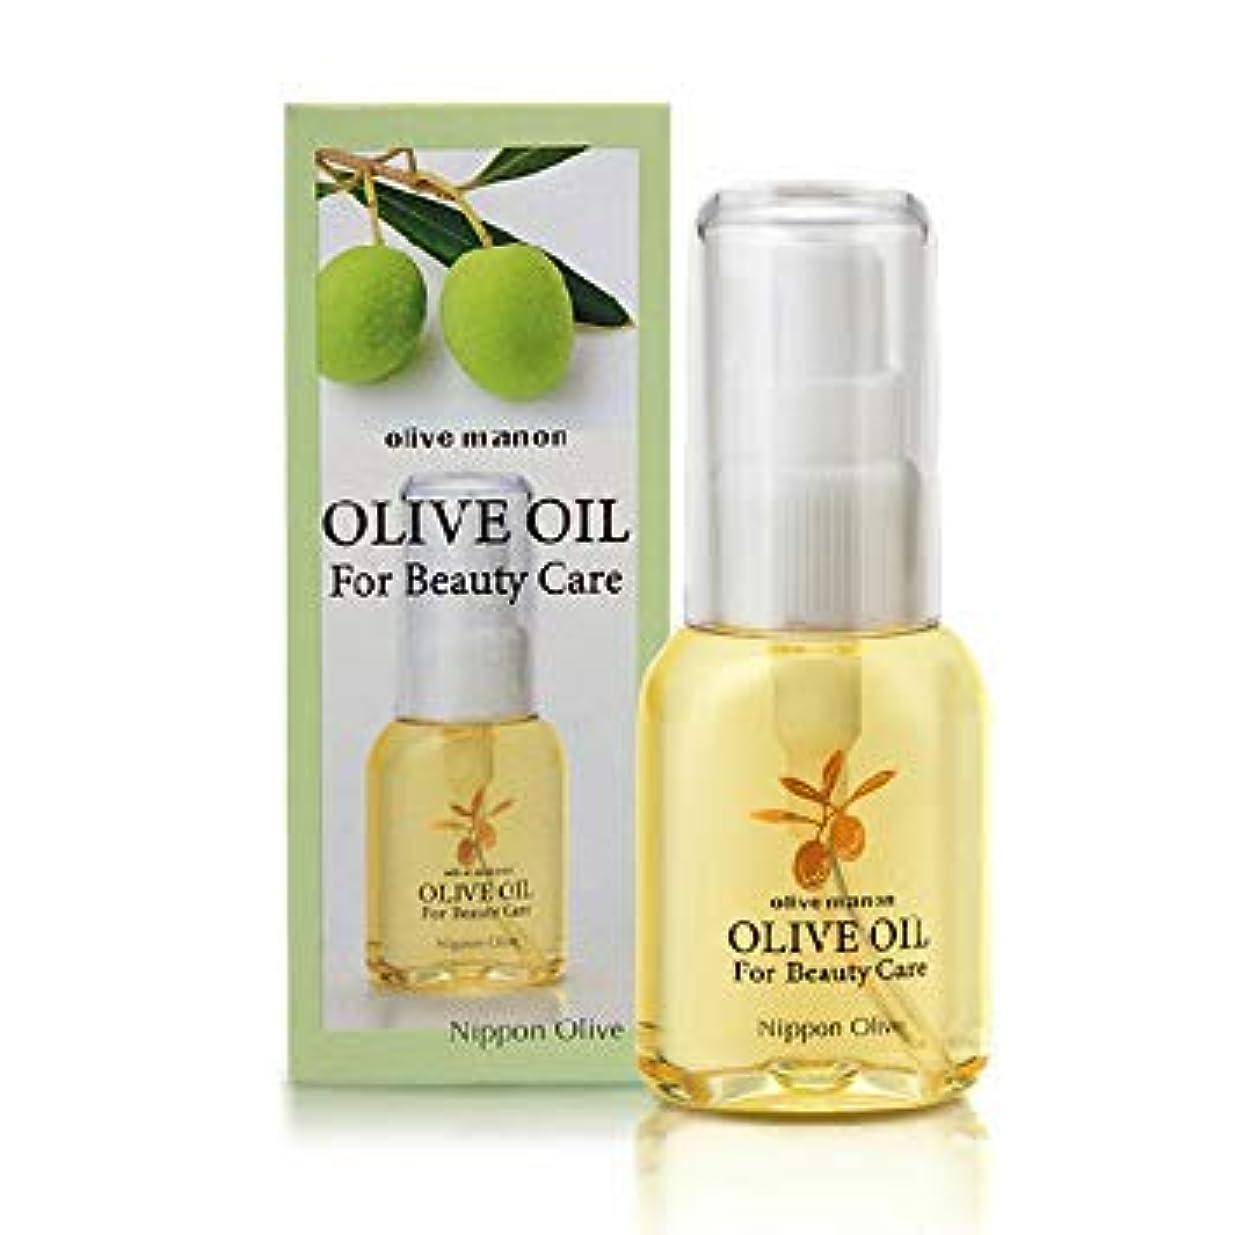 誘う持続的不運日本オリーブ オリーブマノン 化粧用オリーブオイル 30ml 2個セット